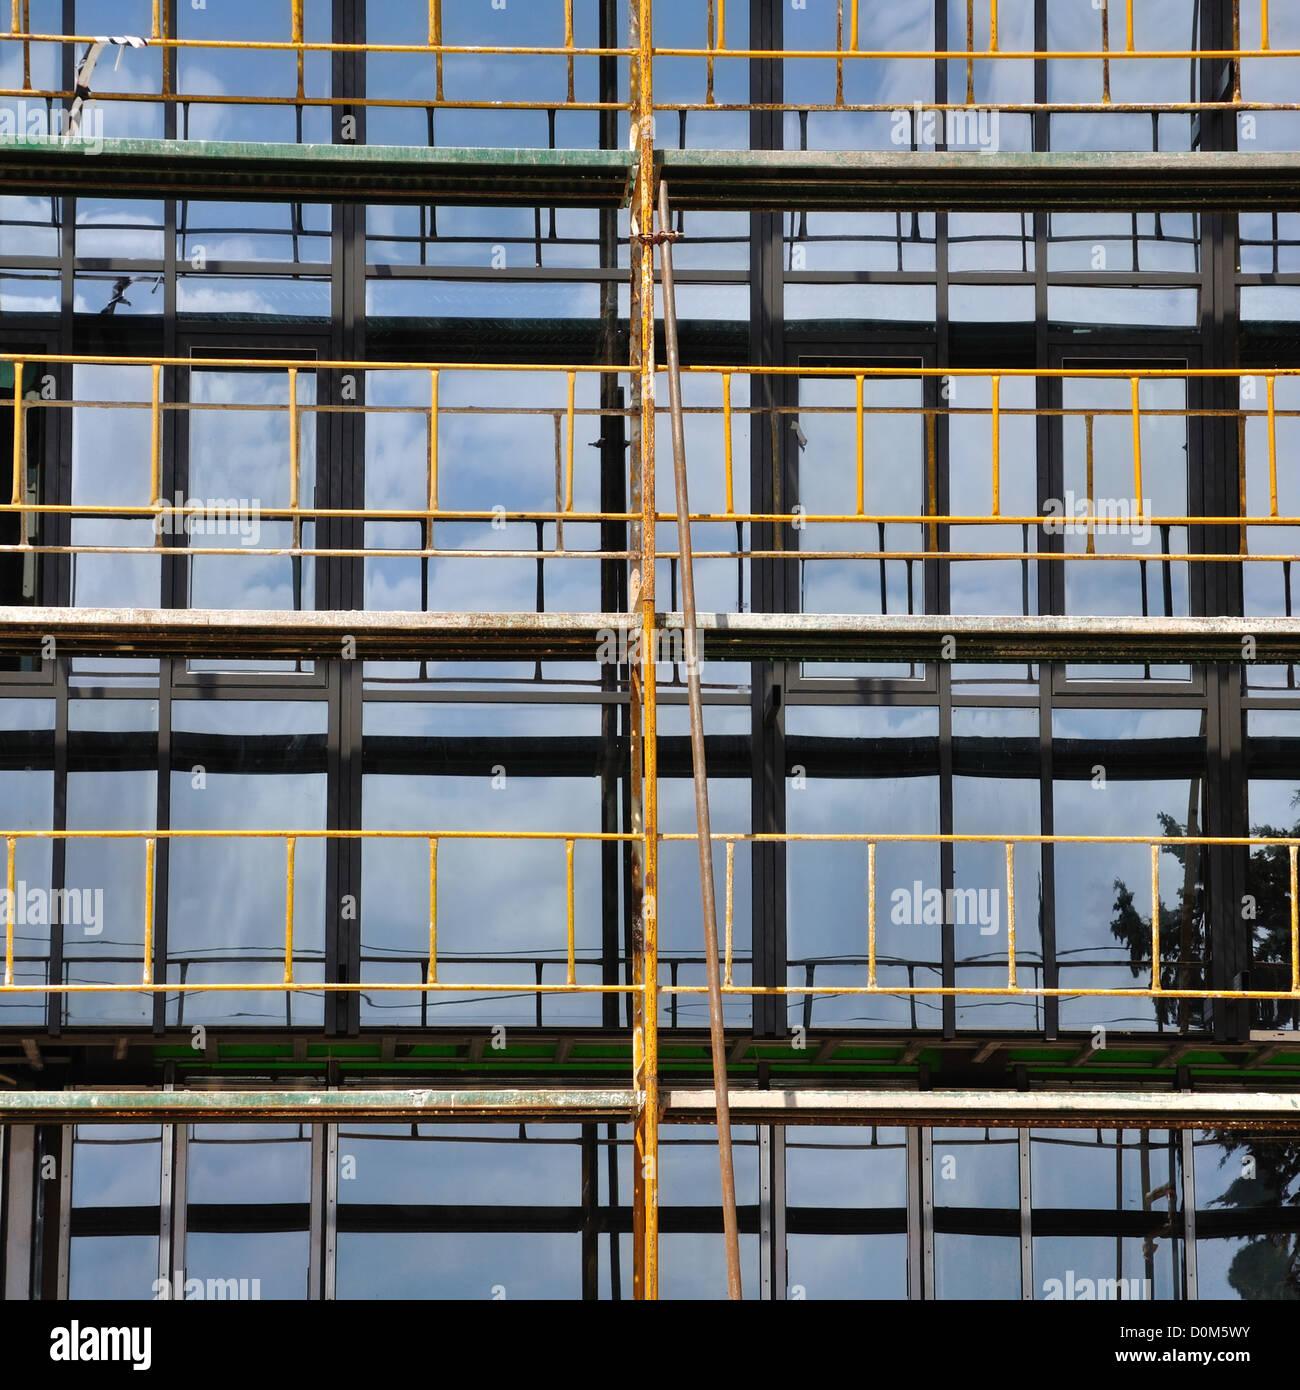 Facade Mesh Stock Photos Amp Facade Mesh Stock Images Alamy